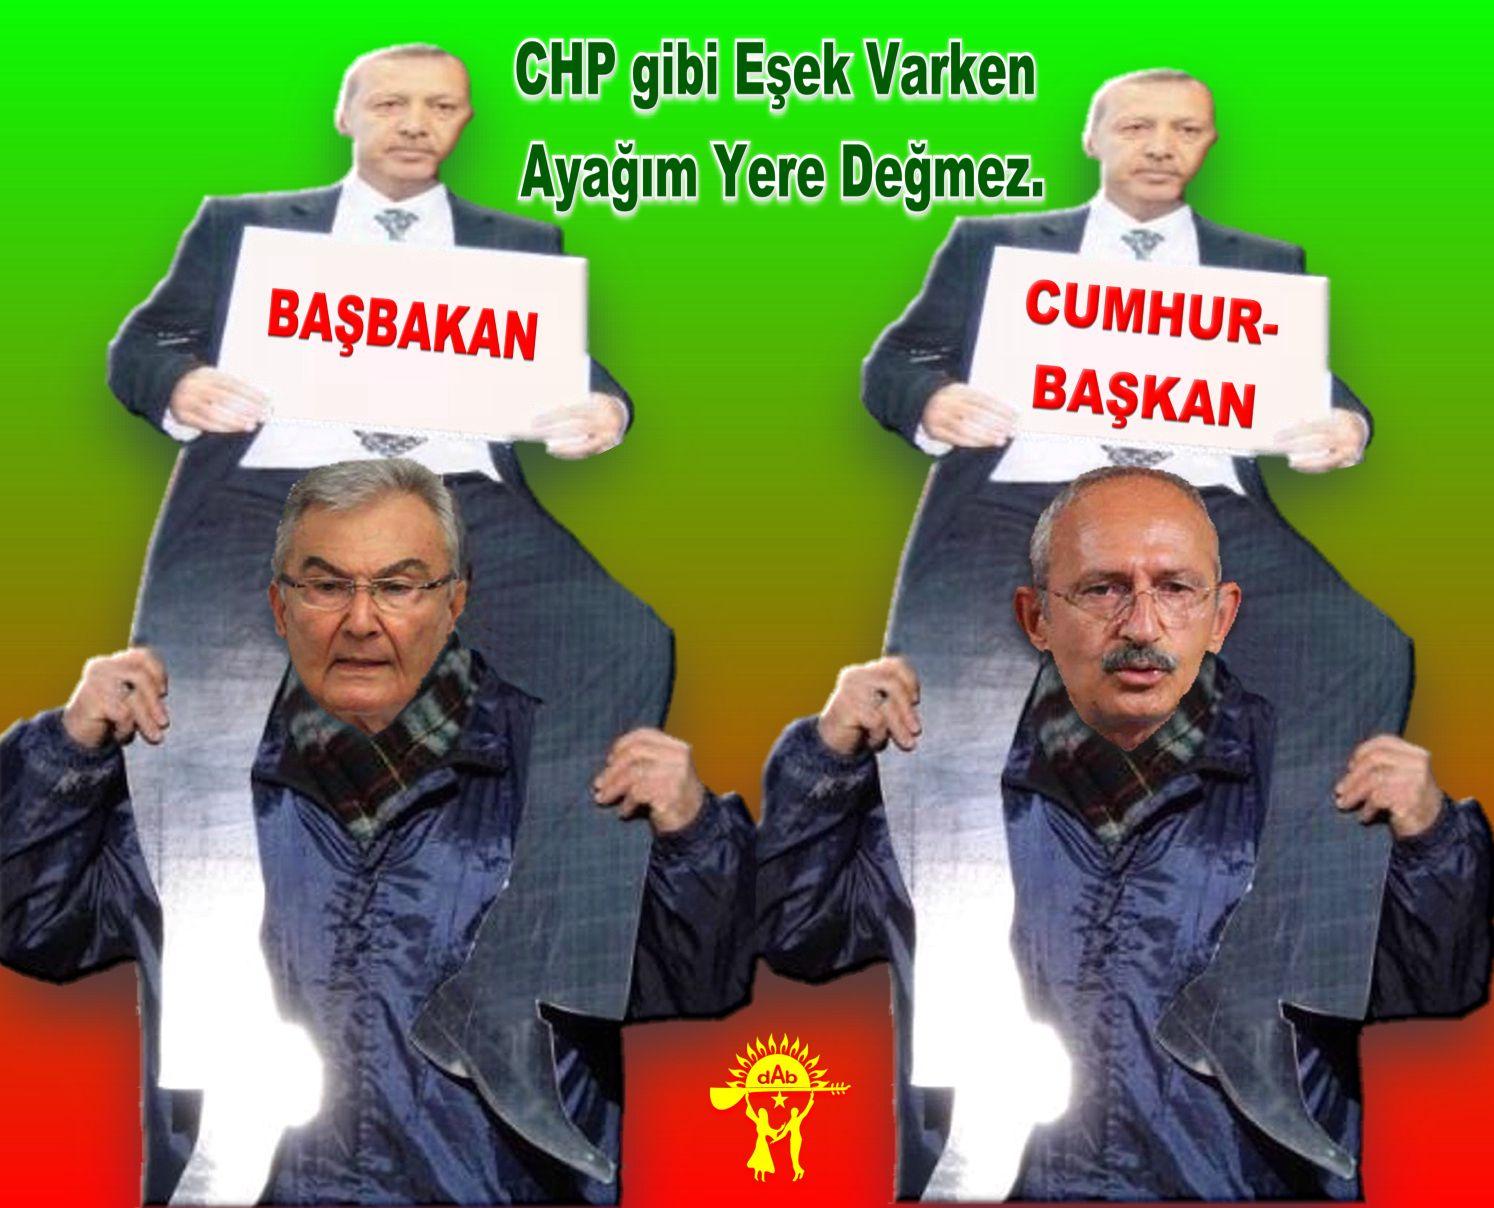 Devrimci Aleviler Birliği DAB Alevi Kızılbaş Bektaşi pir sultan cem hz Ali 12 imam semah Feramuz Şah Acar basbabkan baskan rte baykal kemal